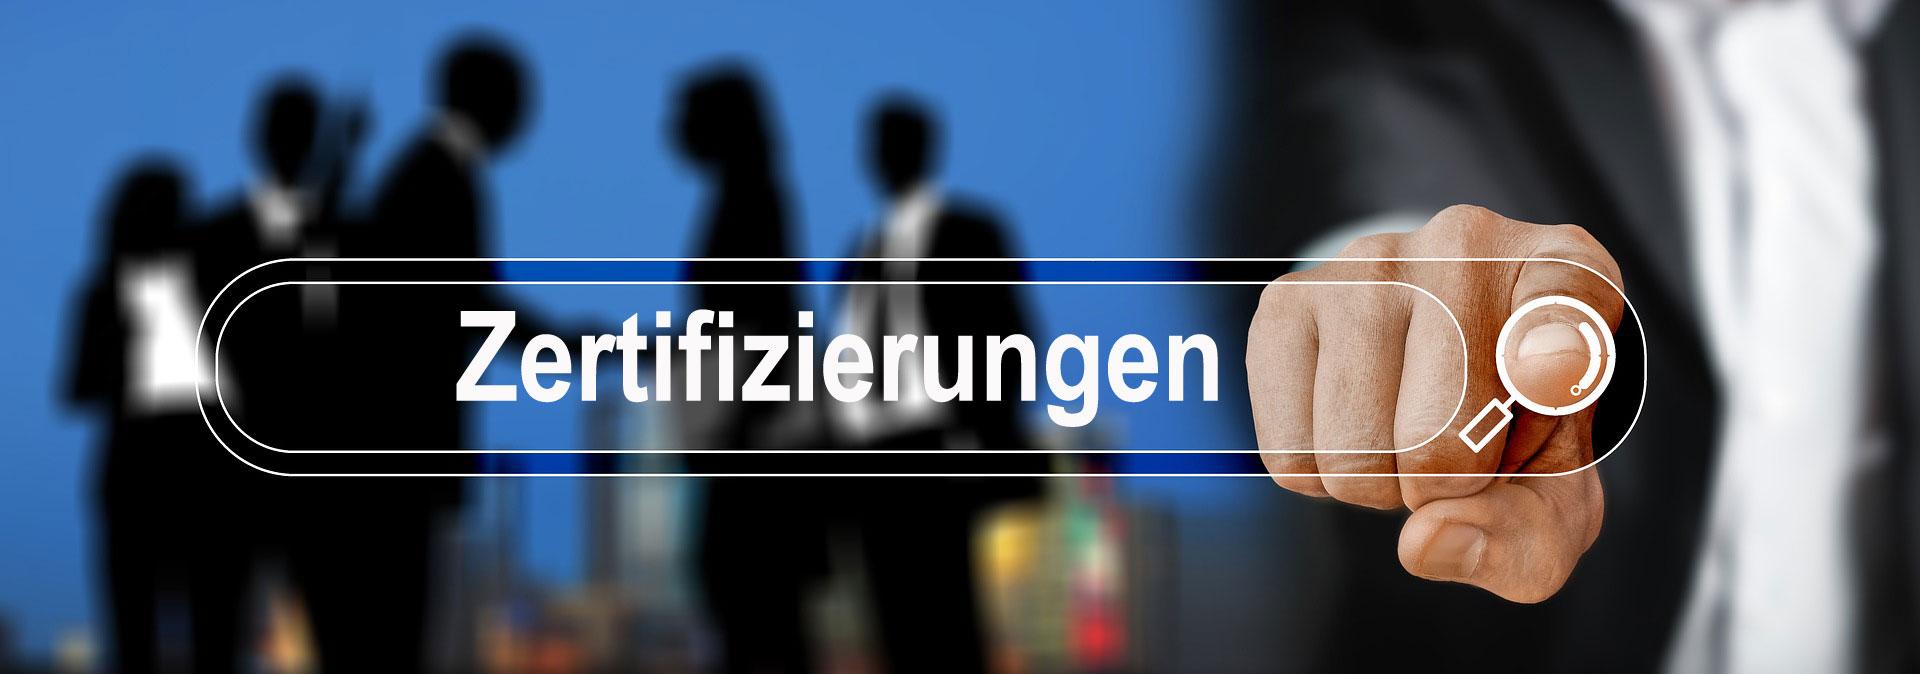 Klickfinger_Zertifizierunge